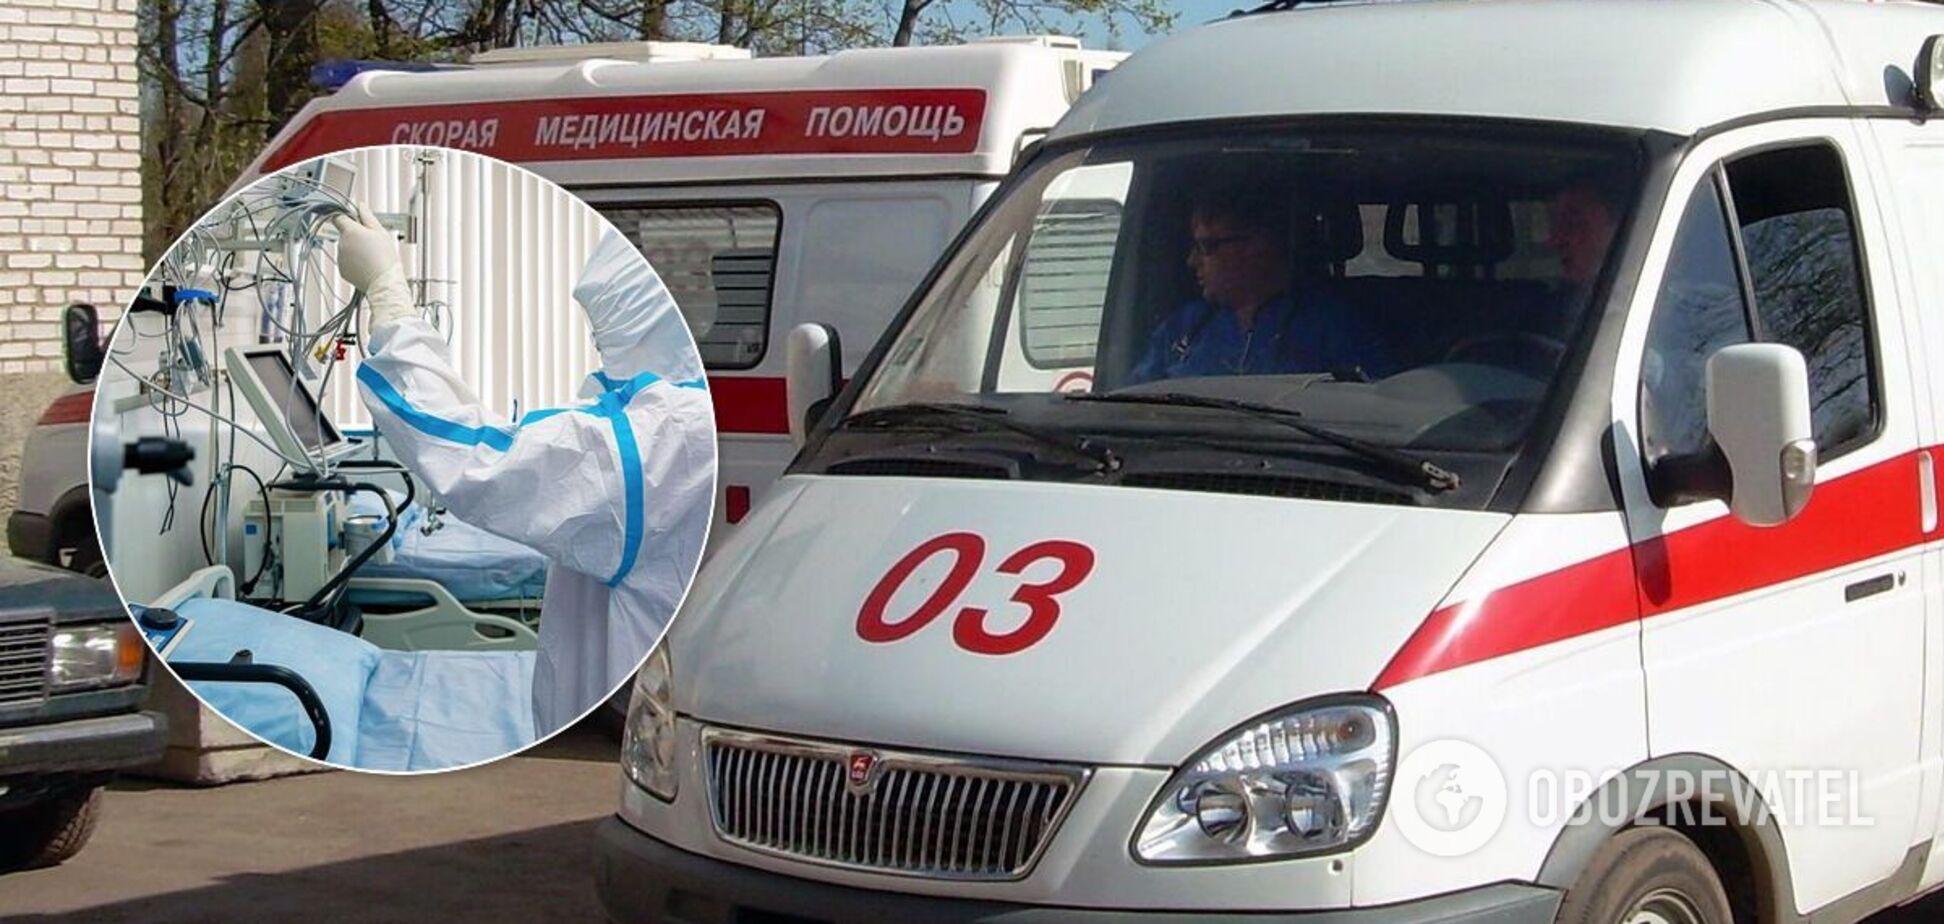 Врач – о коллапсе с COVID-19 в Одесской области: кислорода хватит на несколько часов